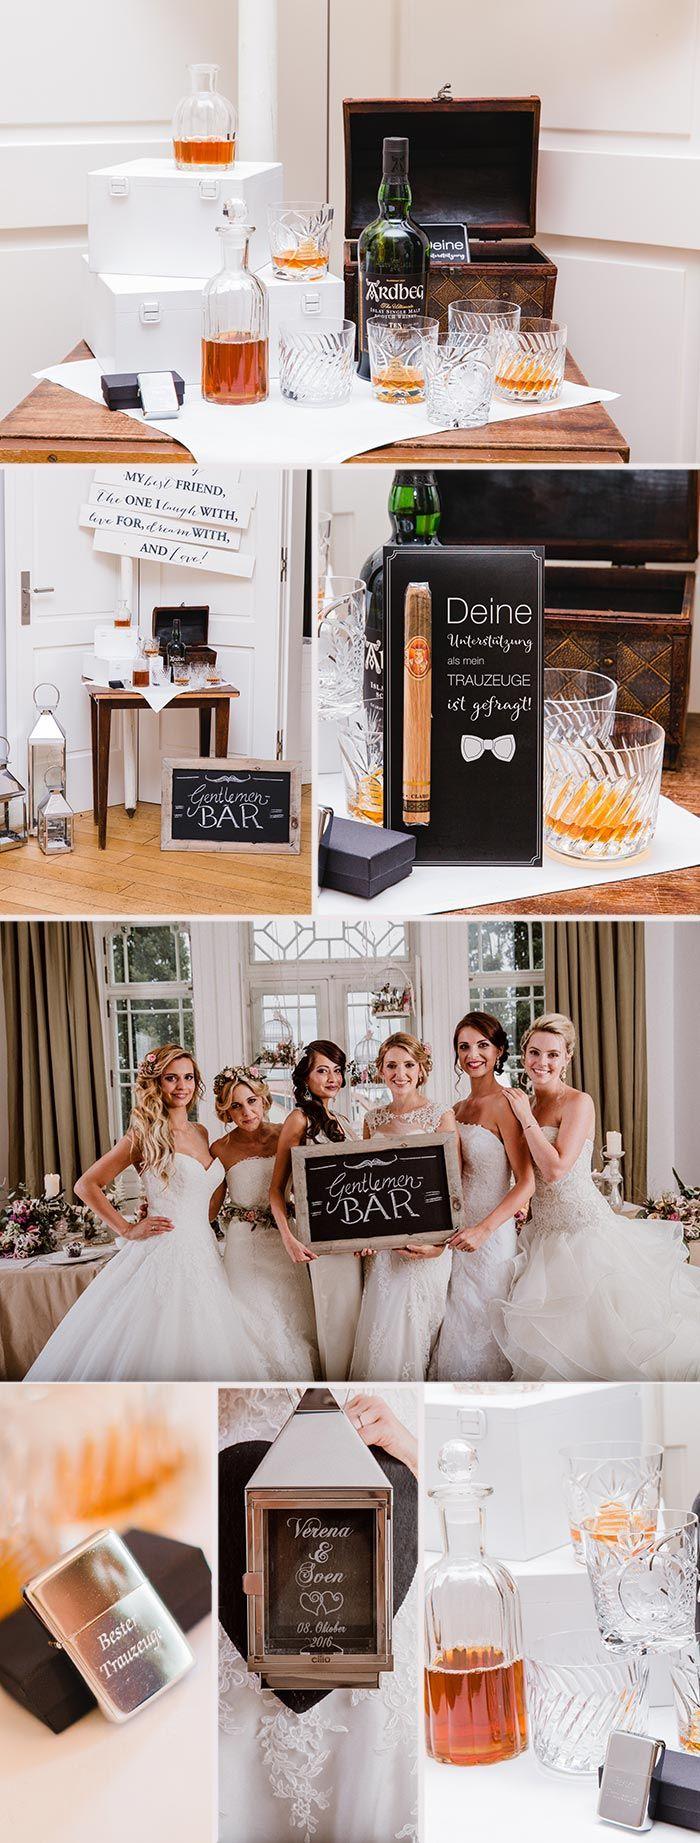 Eine rustikale Whiskey Bar ist eine ausgefallene Idee für die Herren der Schöpfung an der Hochzeit. Aber auch Frauen können sich natürlich an einem guten Whiskey und einer Zigarre erfreuen. I© Andreas Nusch Hochzeitsfotografie